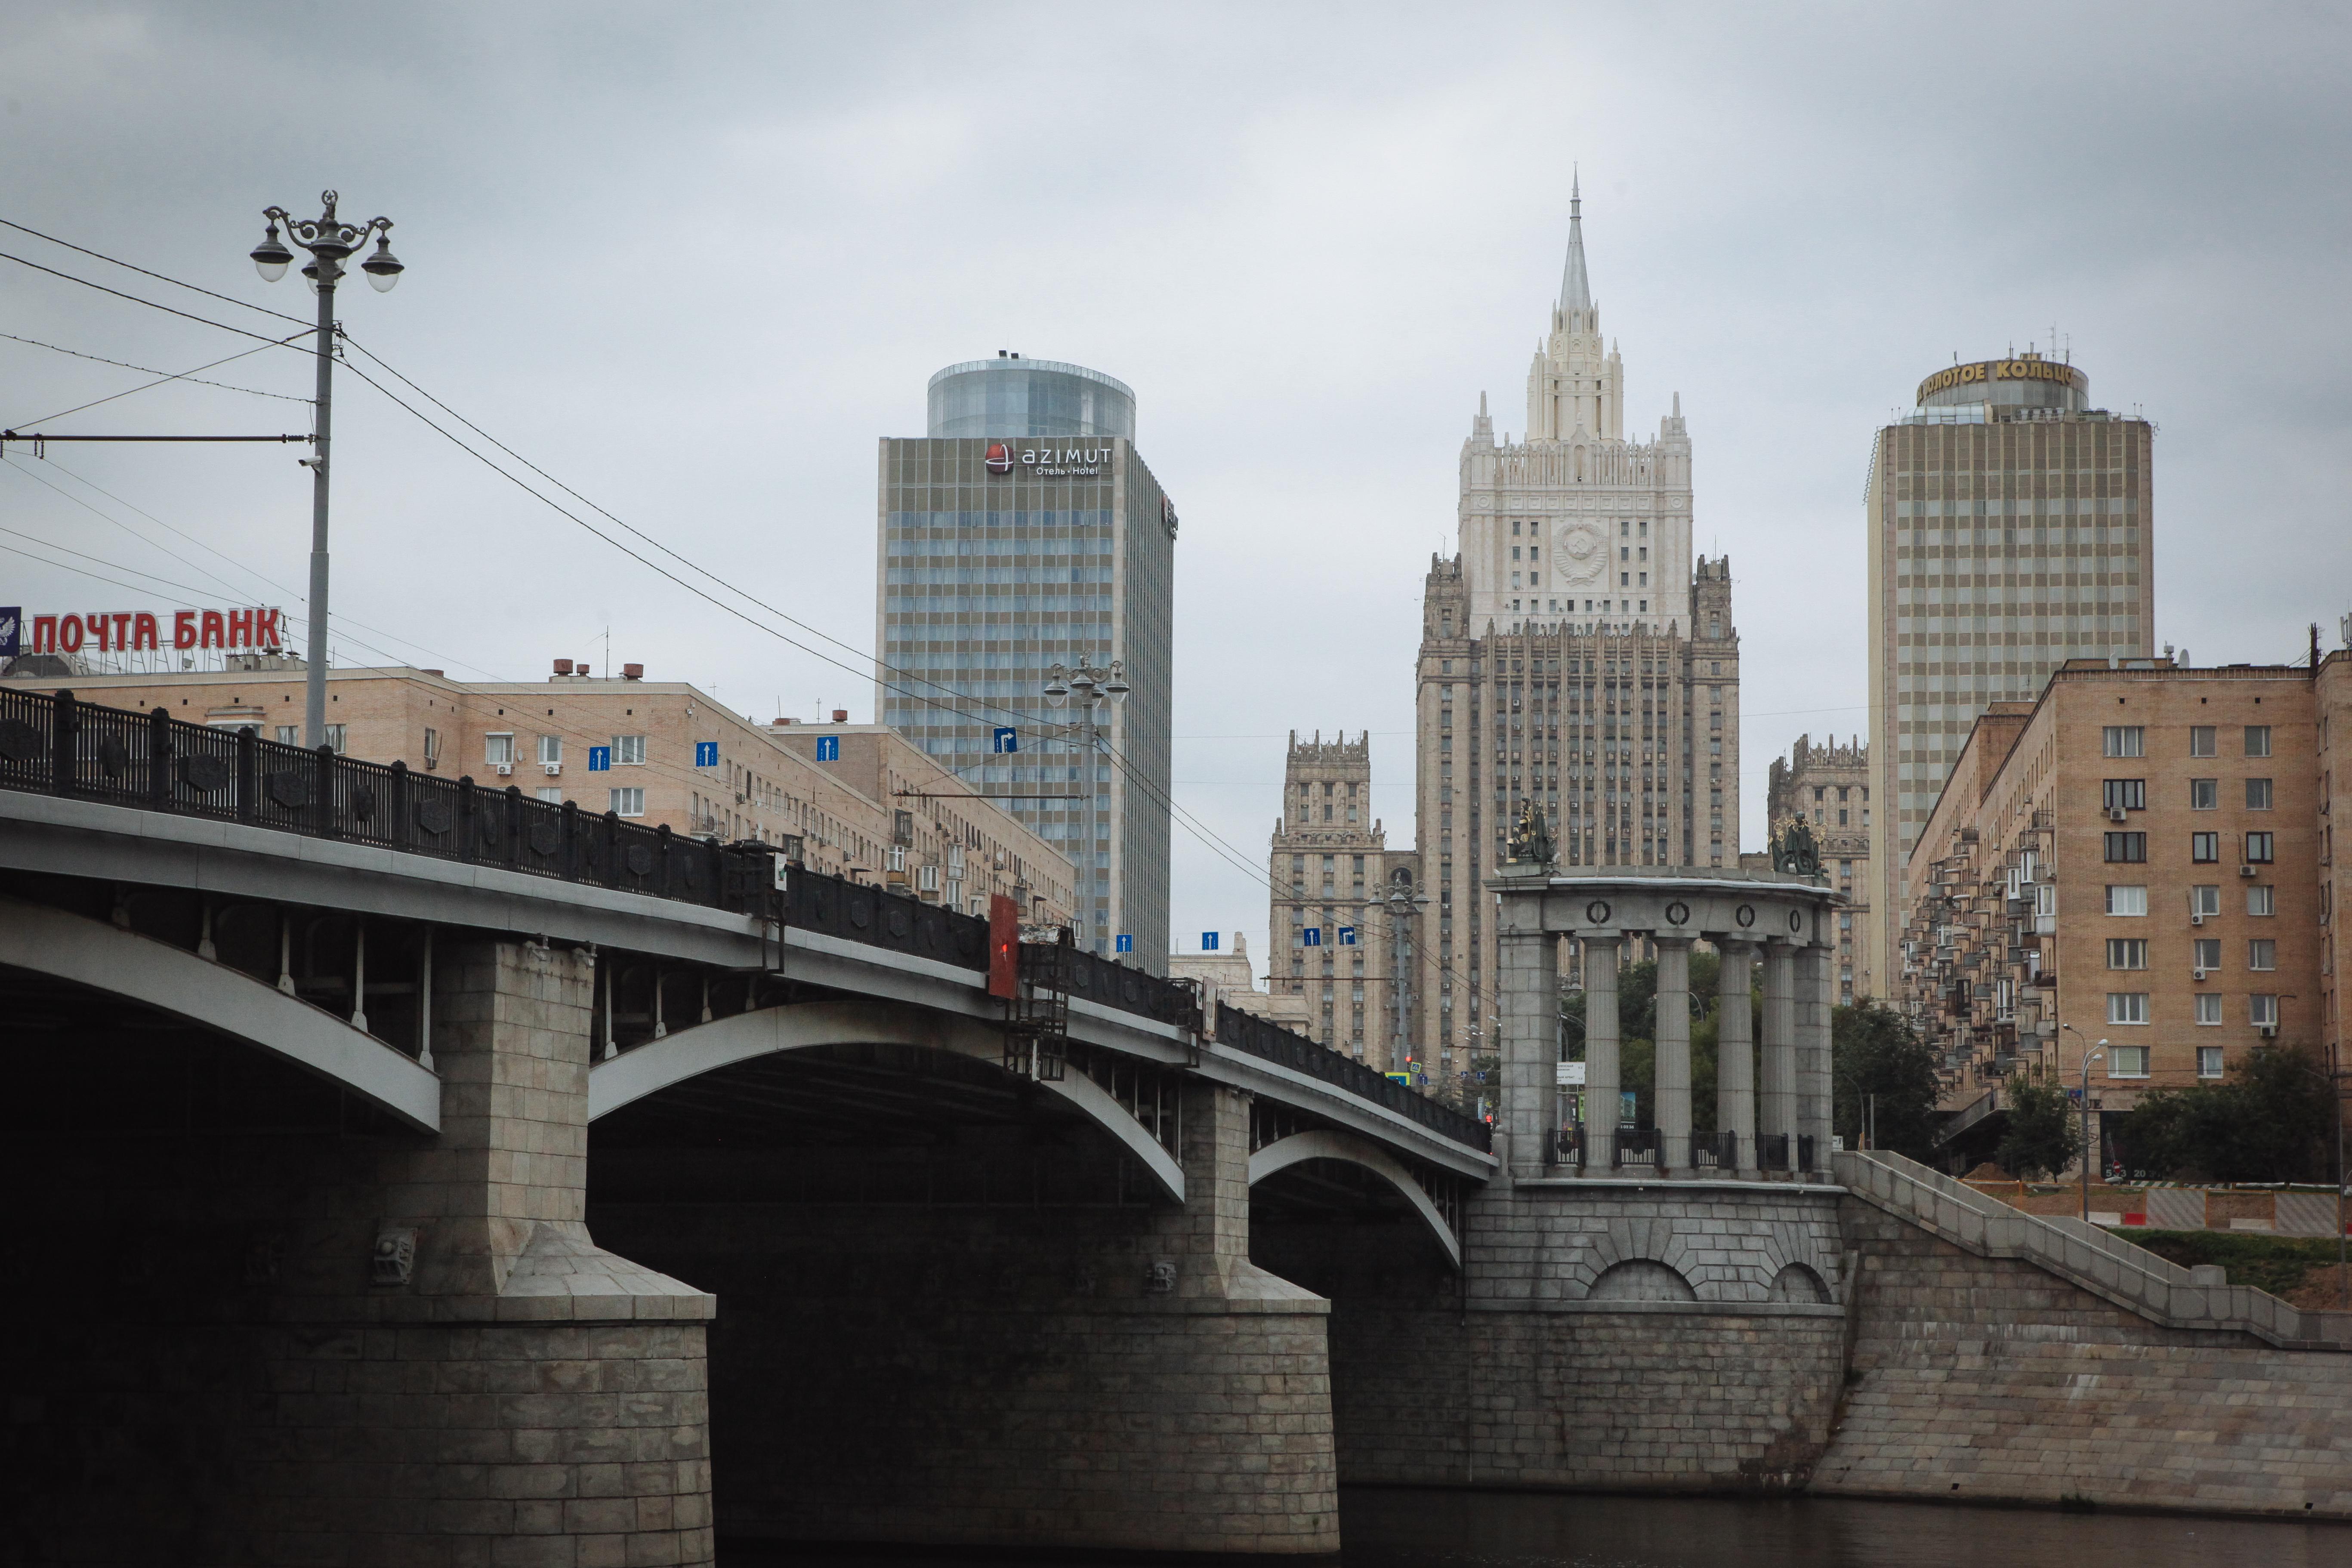 Бородинский мост и здания МИД и гостиницы Золотое кольцо